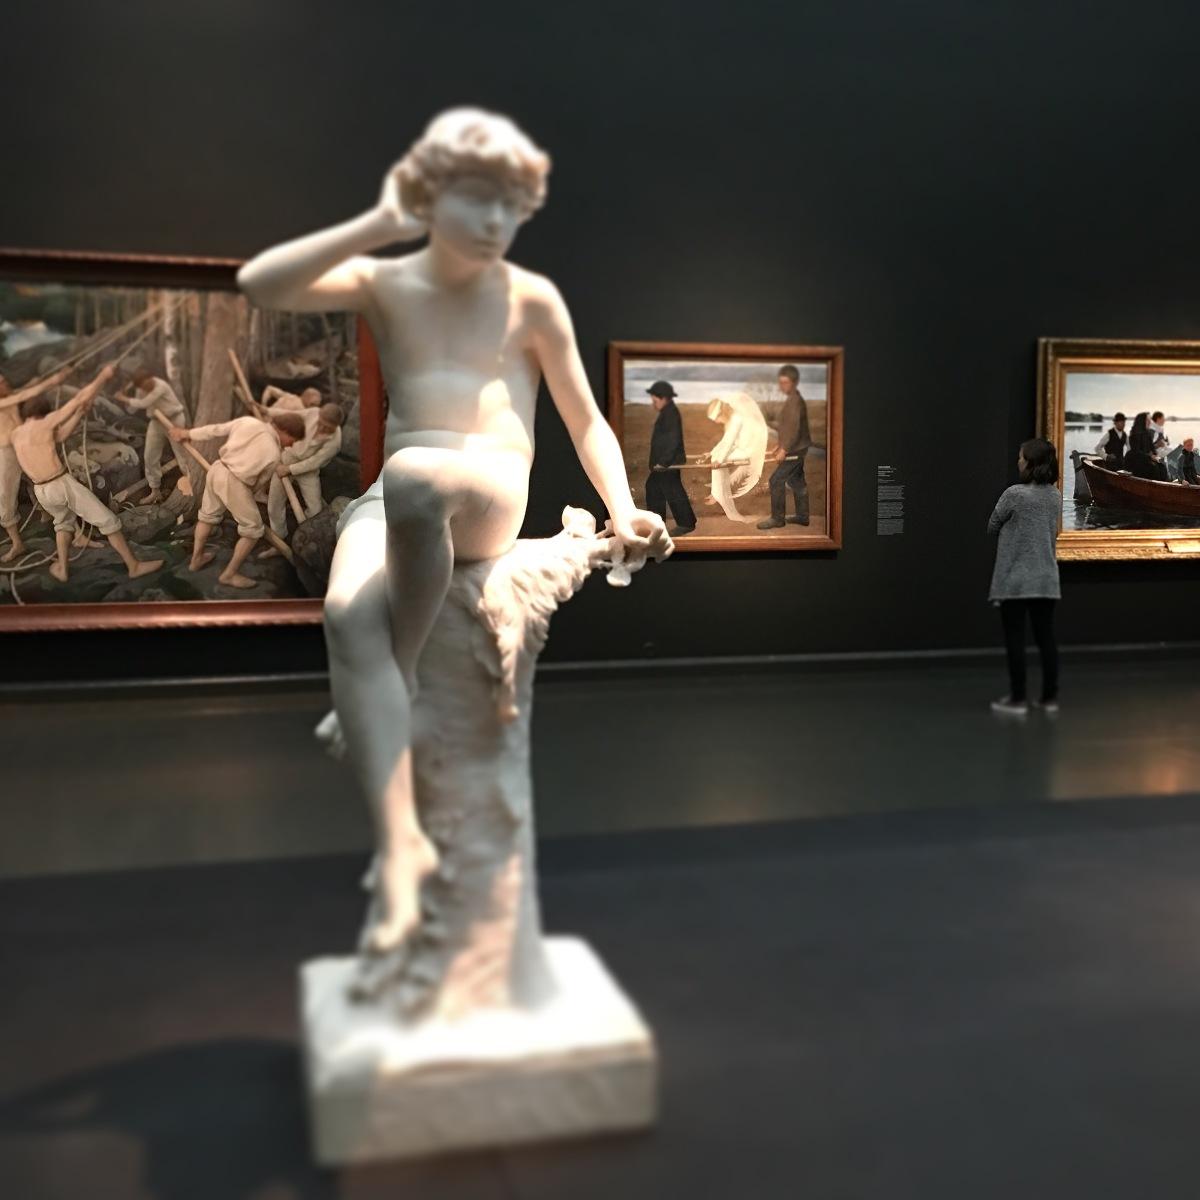 Как пройти бесплатно в главные музеи Хельсинки